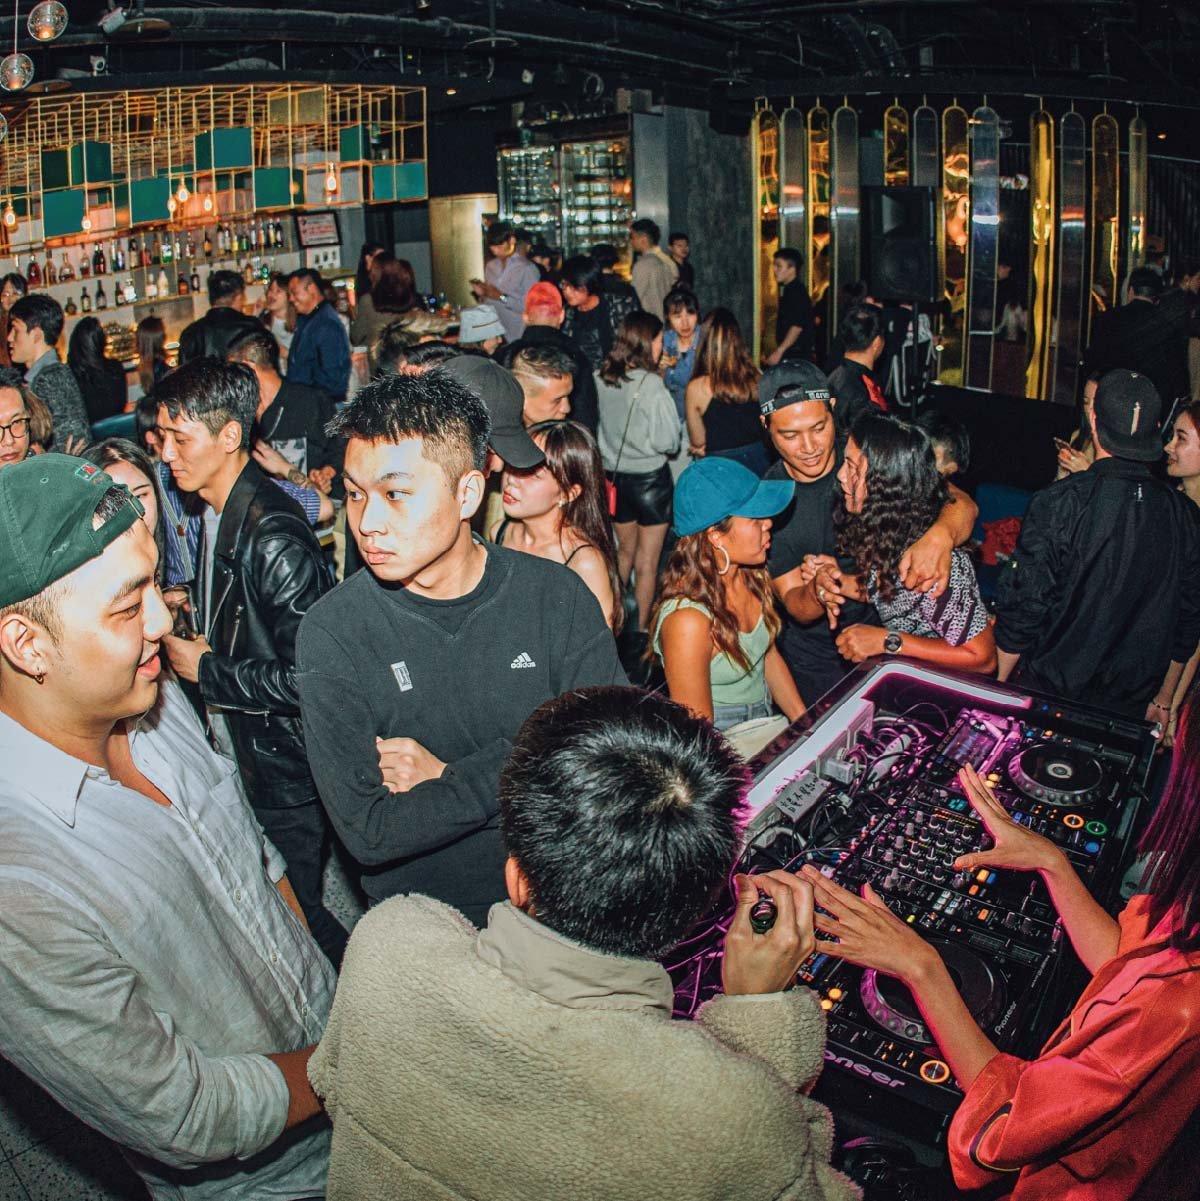 people in nightclub